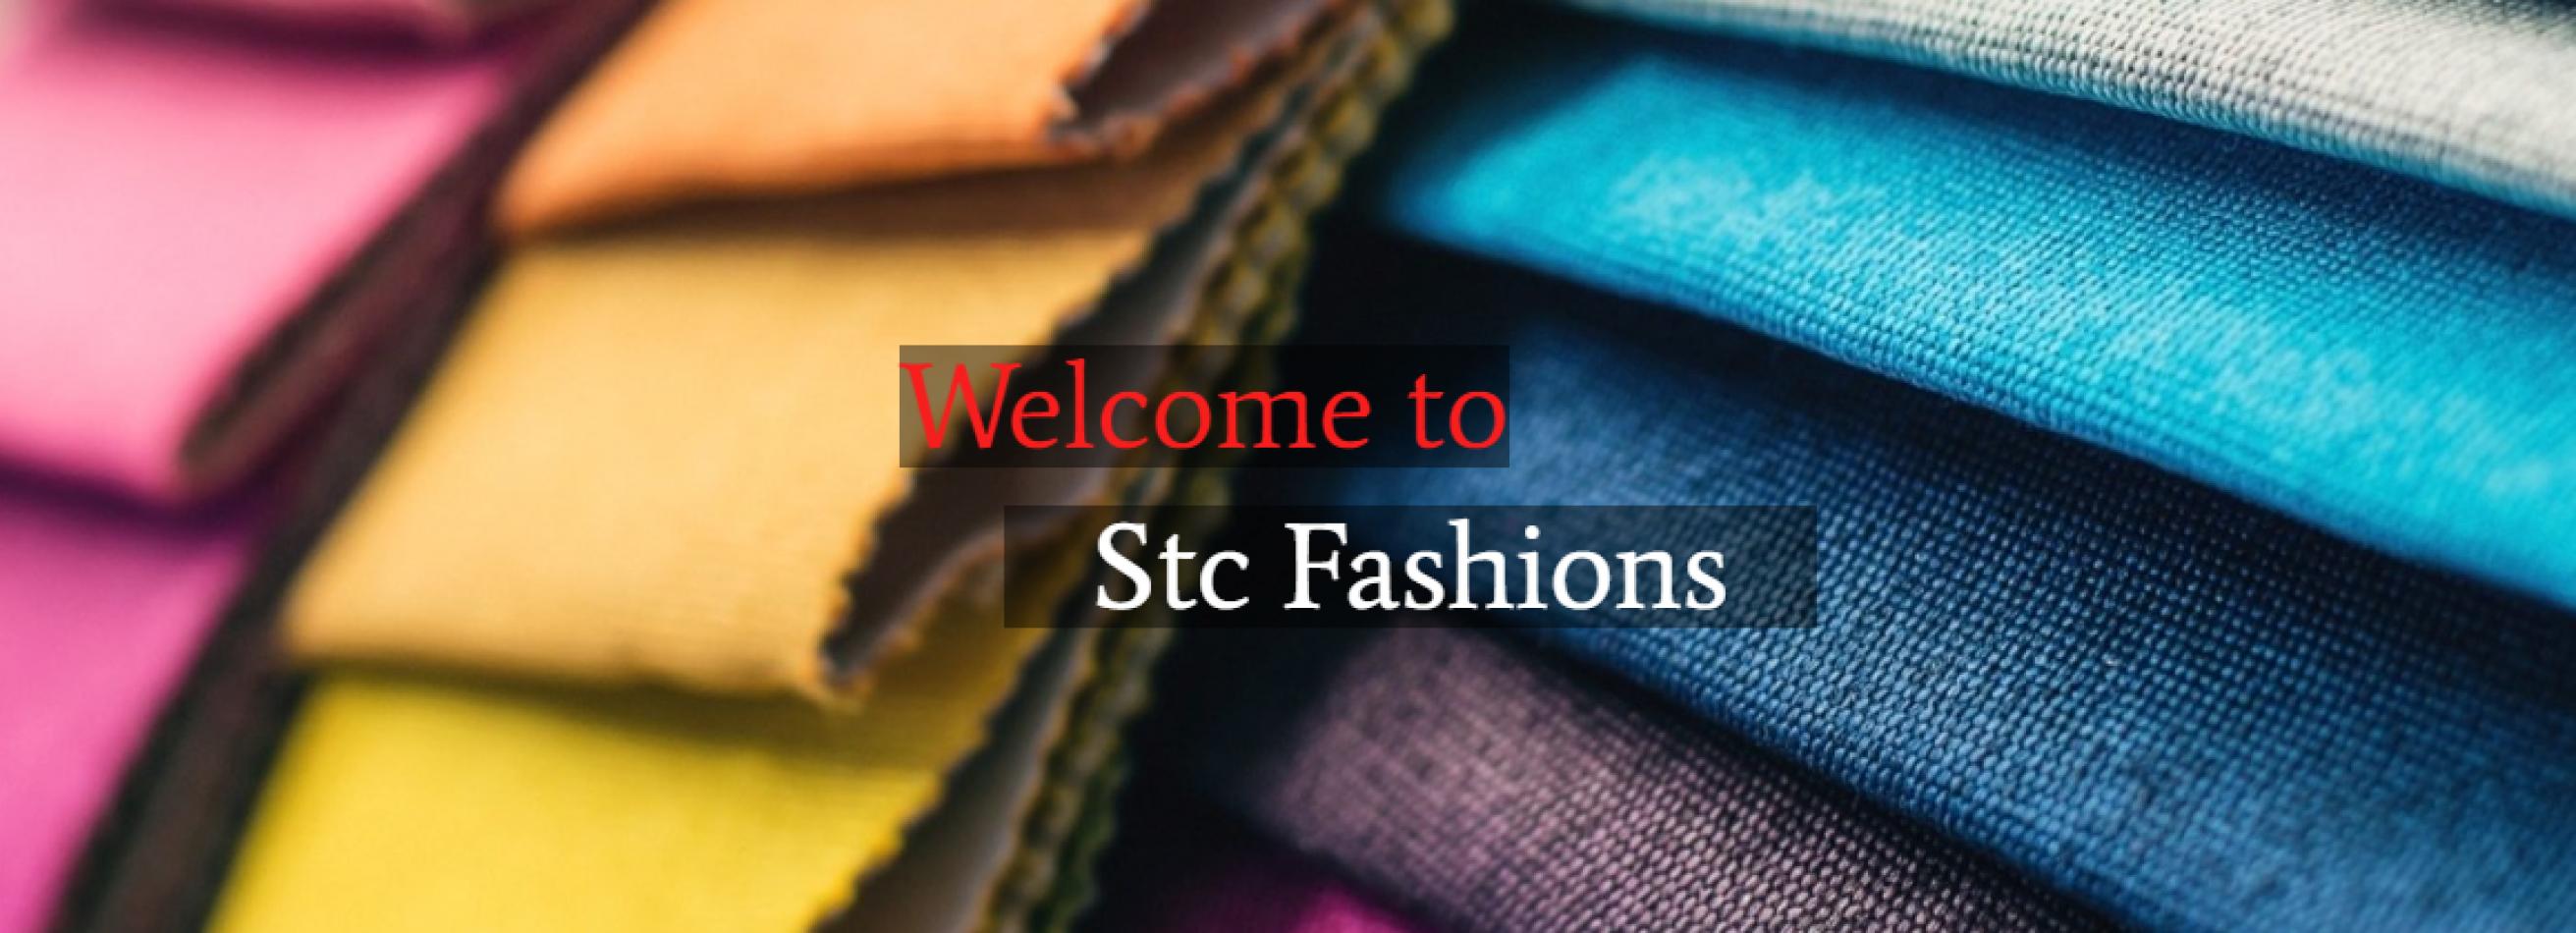 STC Fashions